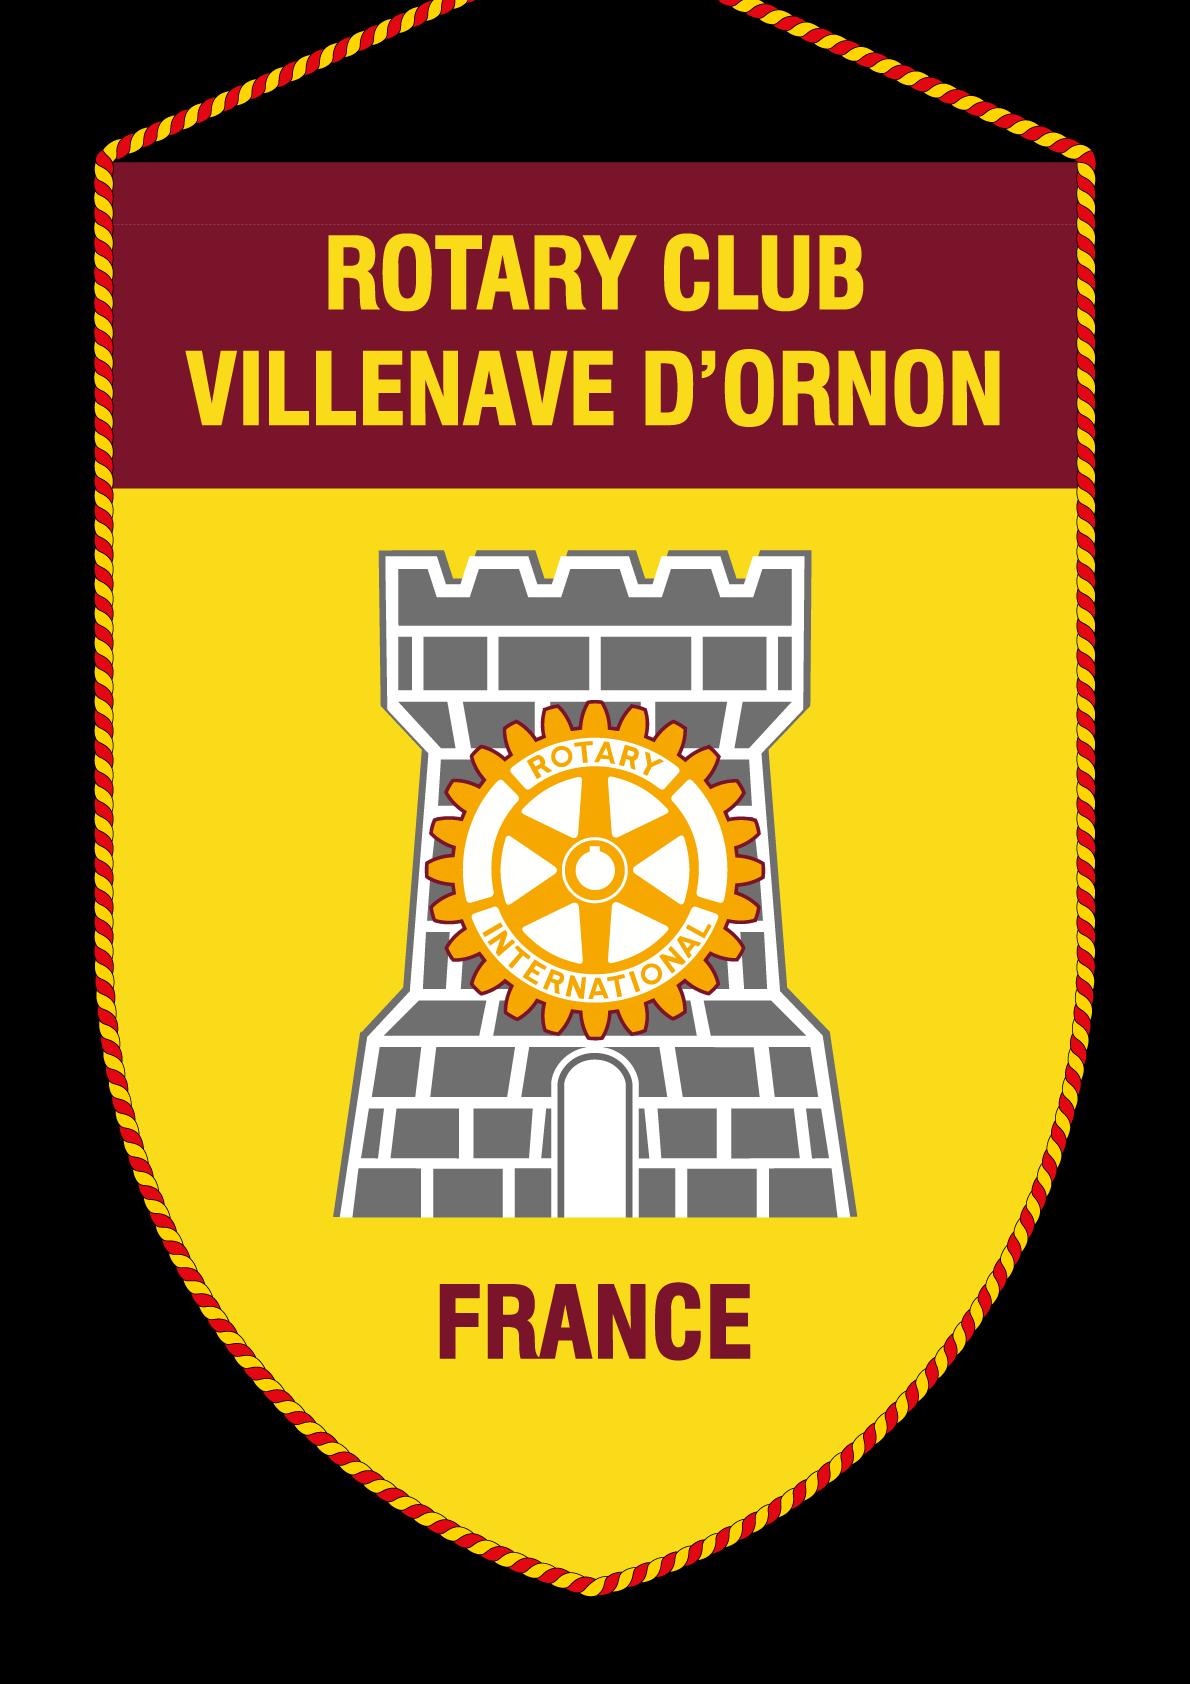 FANION ROTARY CLUB VILLENAVE ORNON